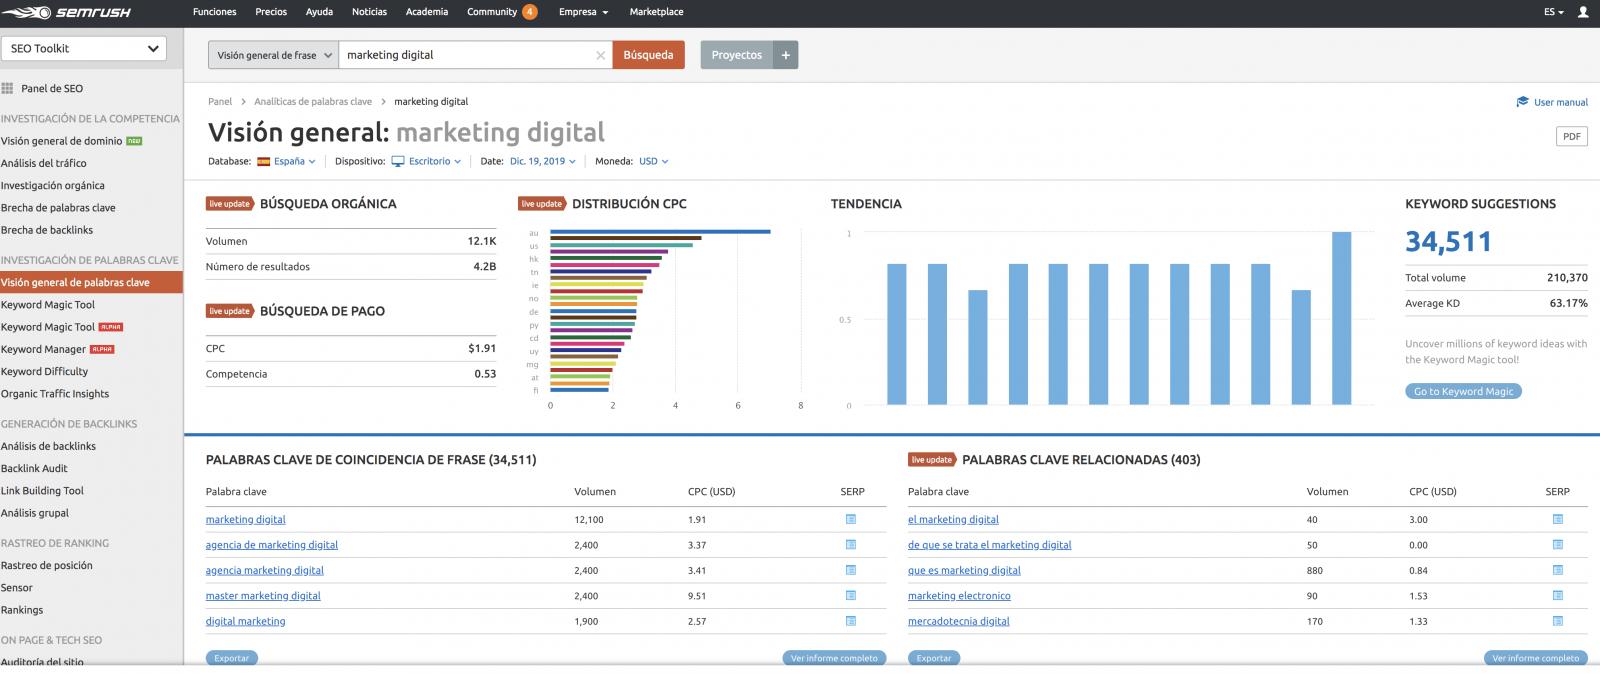 Cómo optimizar tu posicionamiento web gracias a SEMrush - Juan Merodio